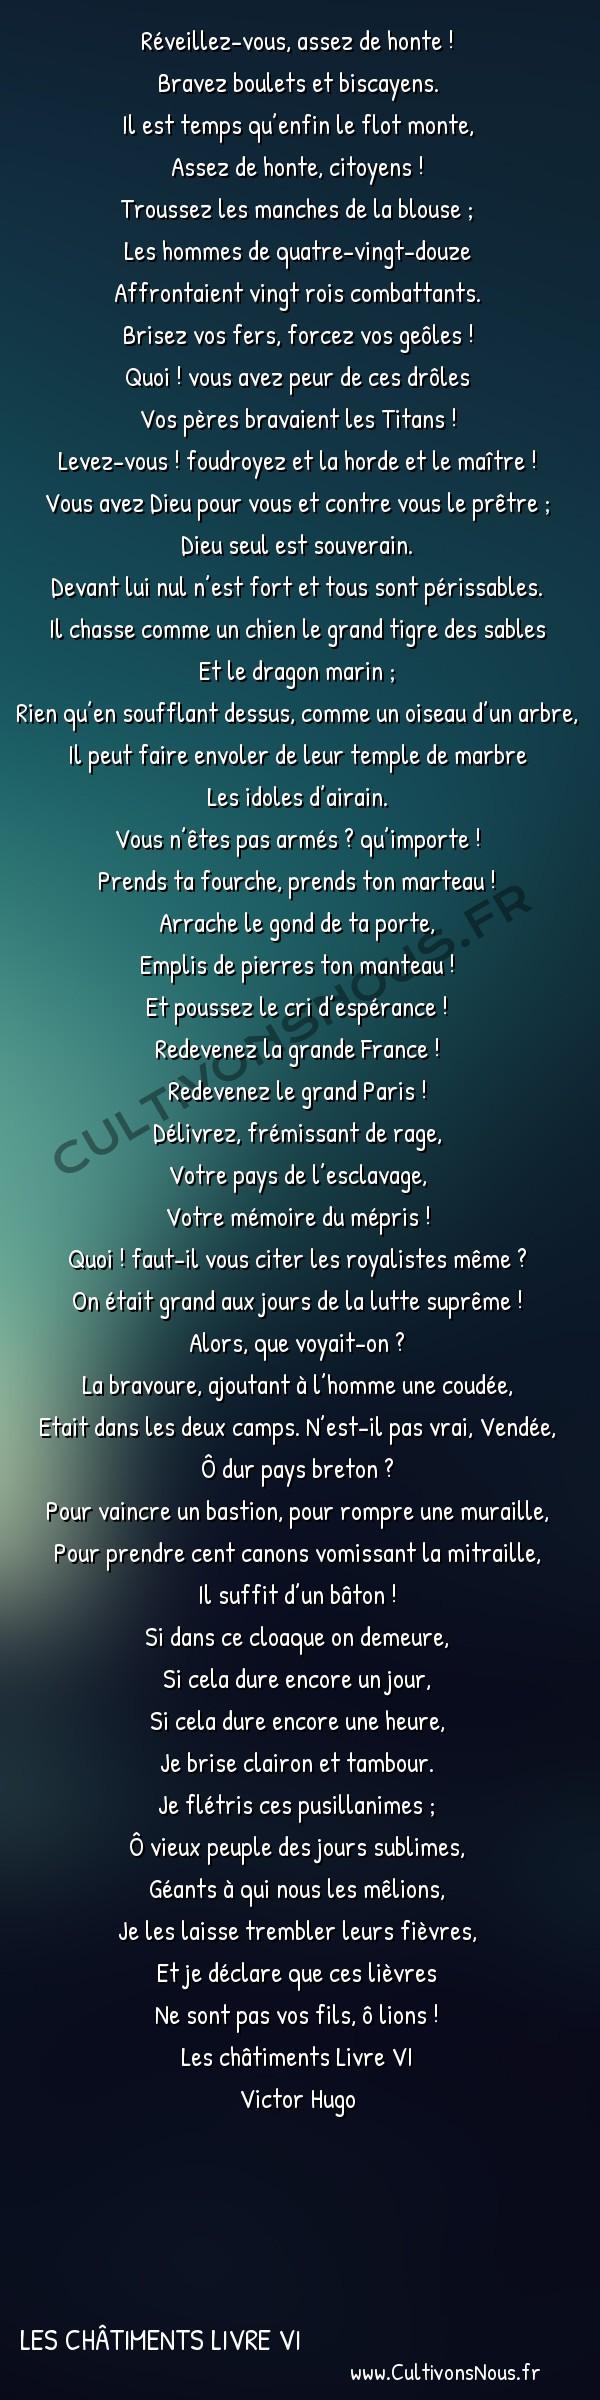 Poésie Victor Hugo - Les châtiments Livre VI - A ceux qui dorment -  Réveillez-vous, assez de honte ! Bravez boulets et biscayens.